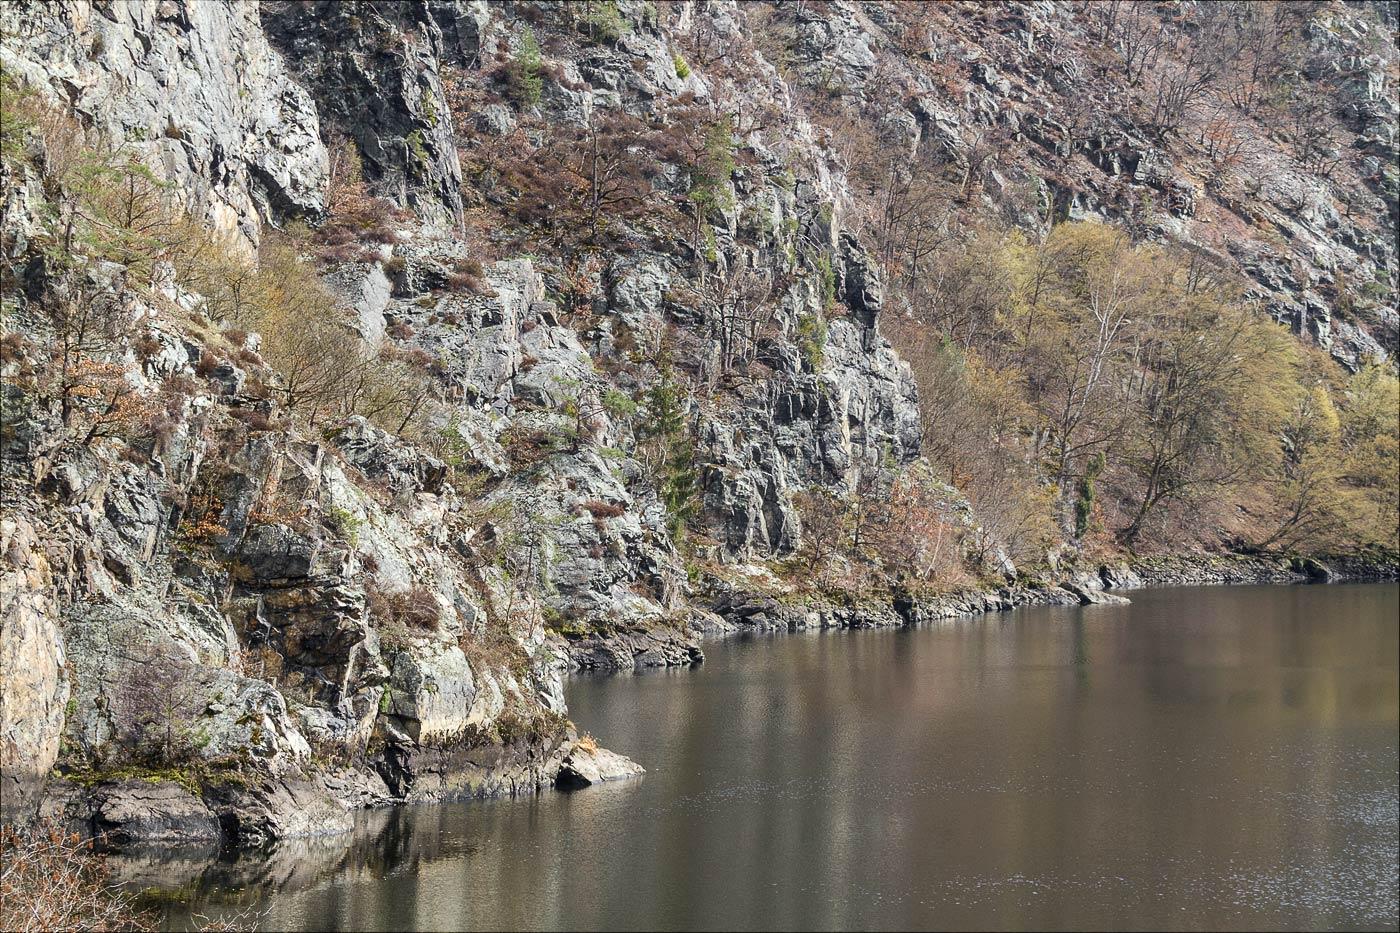 Склоны правого берега Влтавы, природная резервация Кобыли драга